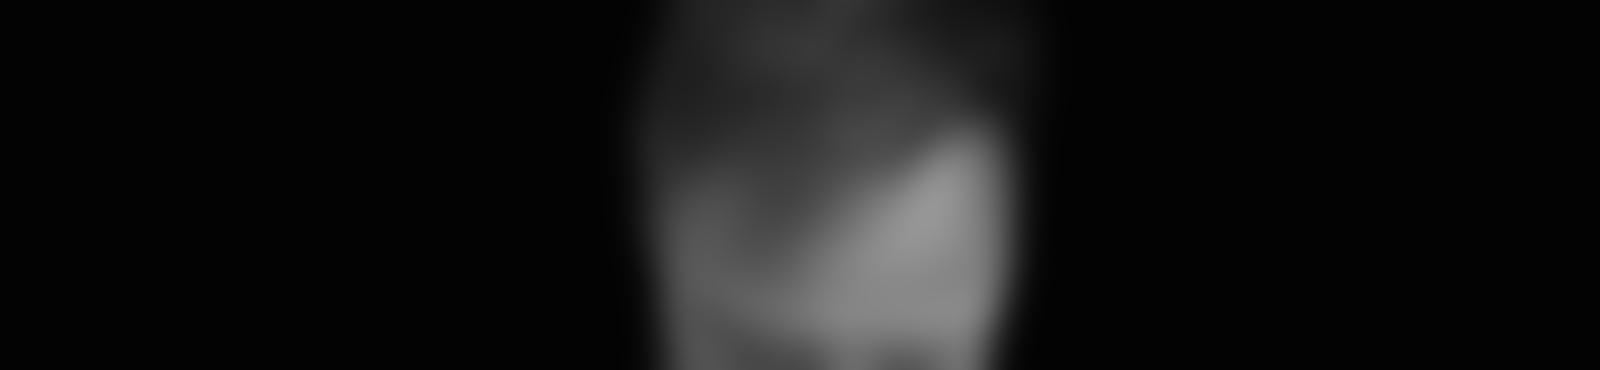 Blurred d0426b6f 219b 4a15 be92 9c8c485bb66e